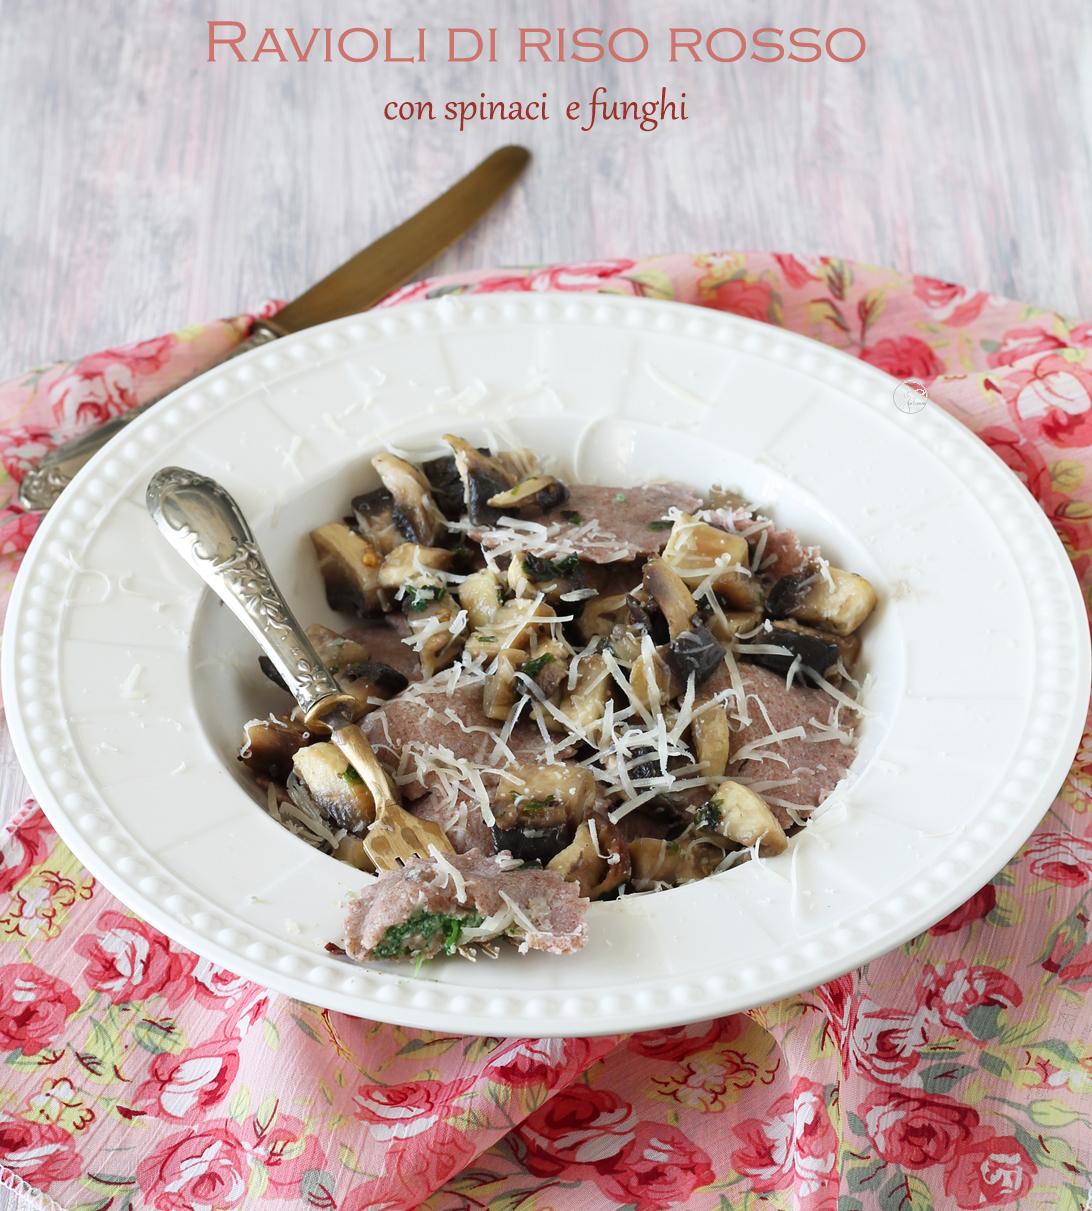 Ravioli con farina di riso rosso senza glutine - La Cassata Celiaca